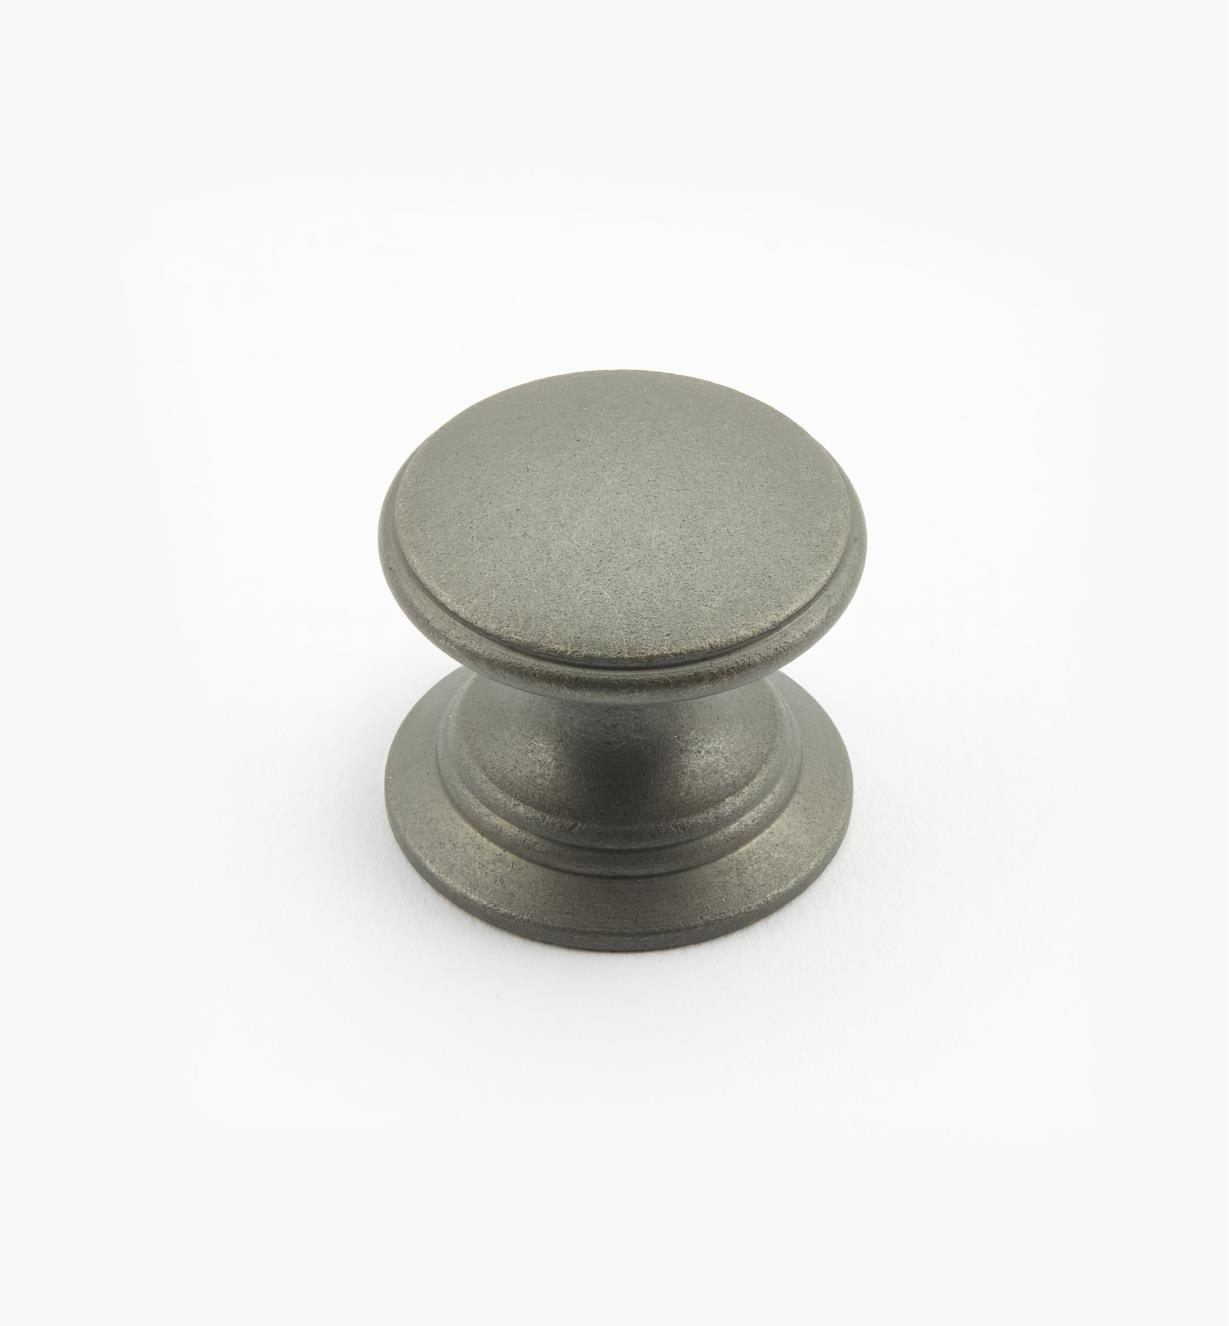 02W1458 - Bouton rond de 1 po x 7/8 po, série Étain, laiton